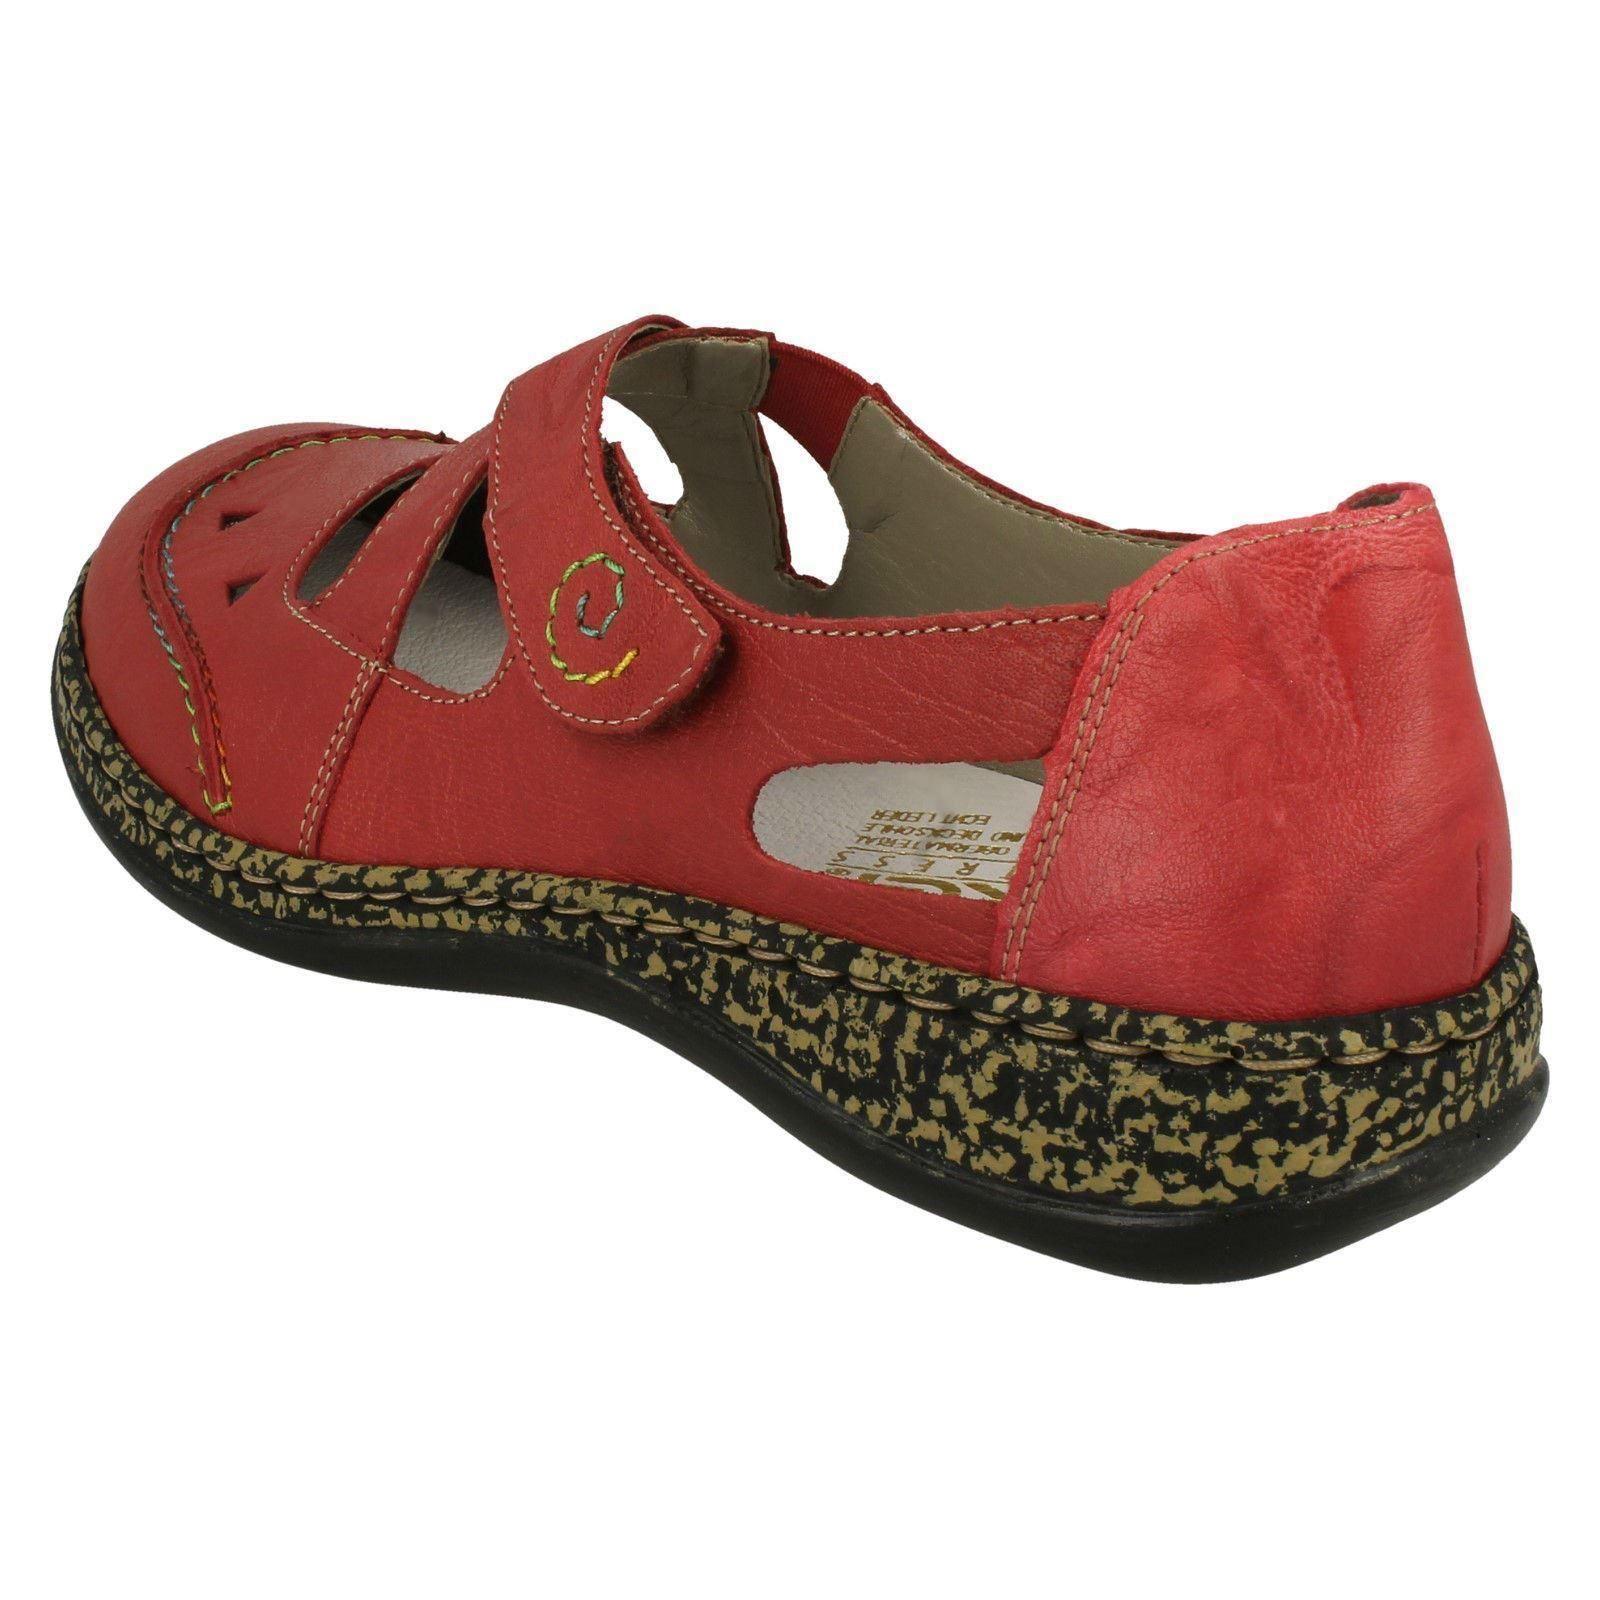 Casual Chaussures rouge dᄄᆭcoupes dᄄᆭtaillᄄᆭes pour avec dames Rieker 46335 wk8nOP0X